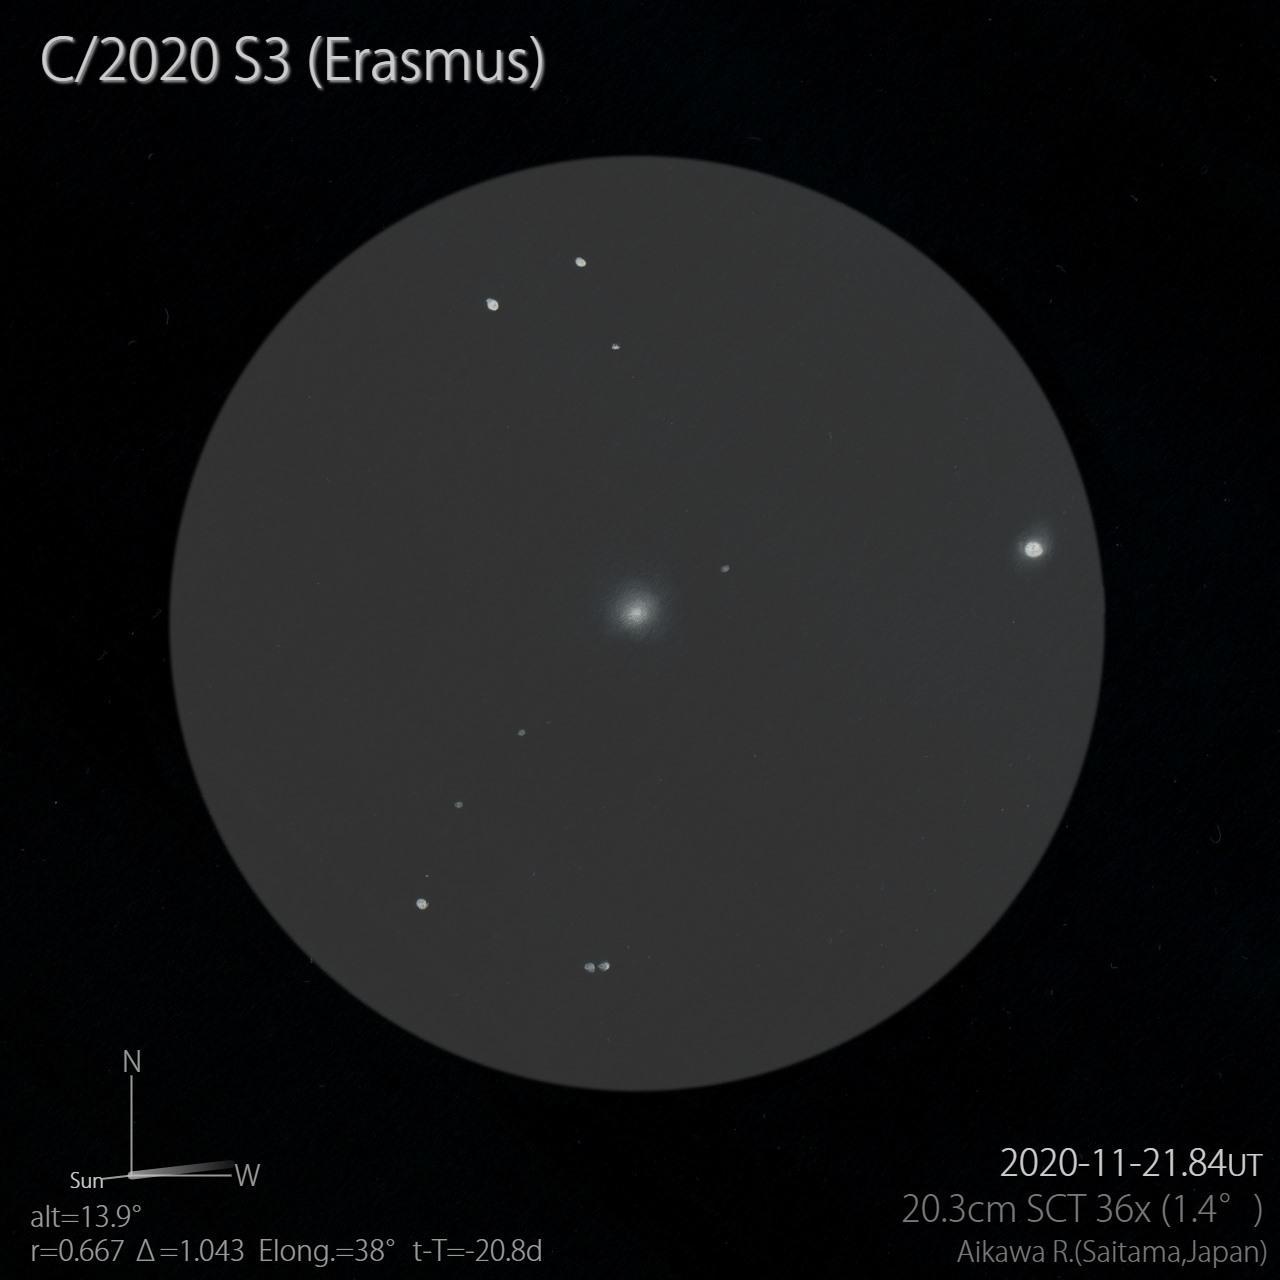 2020S3_003-editPosi-50-0.9.jpg